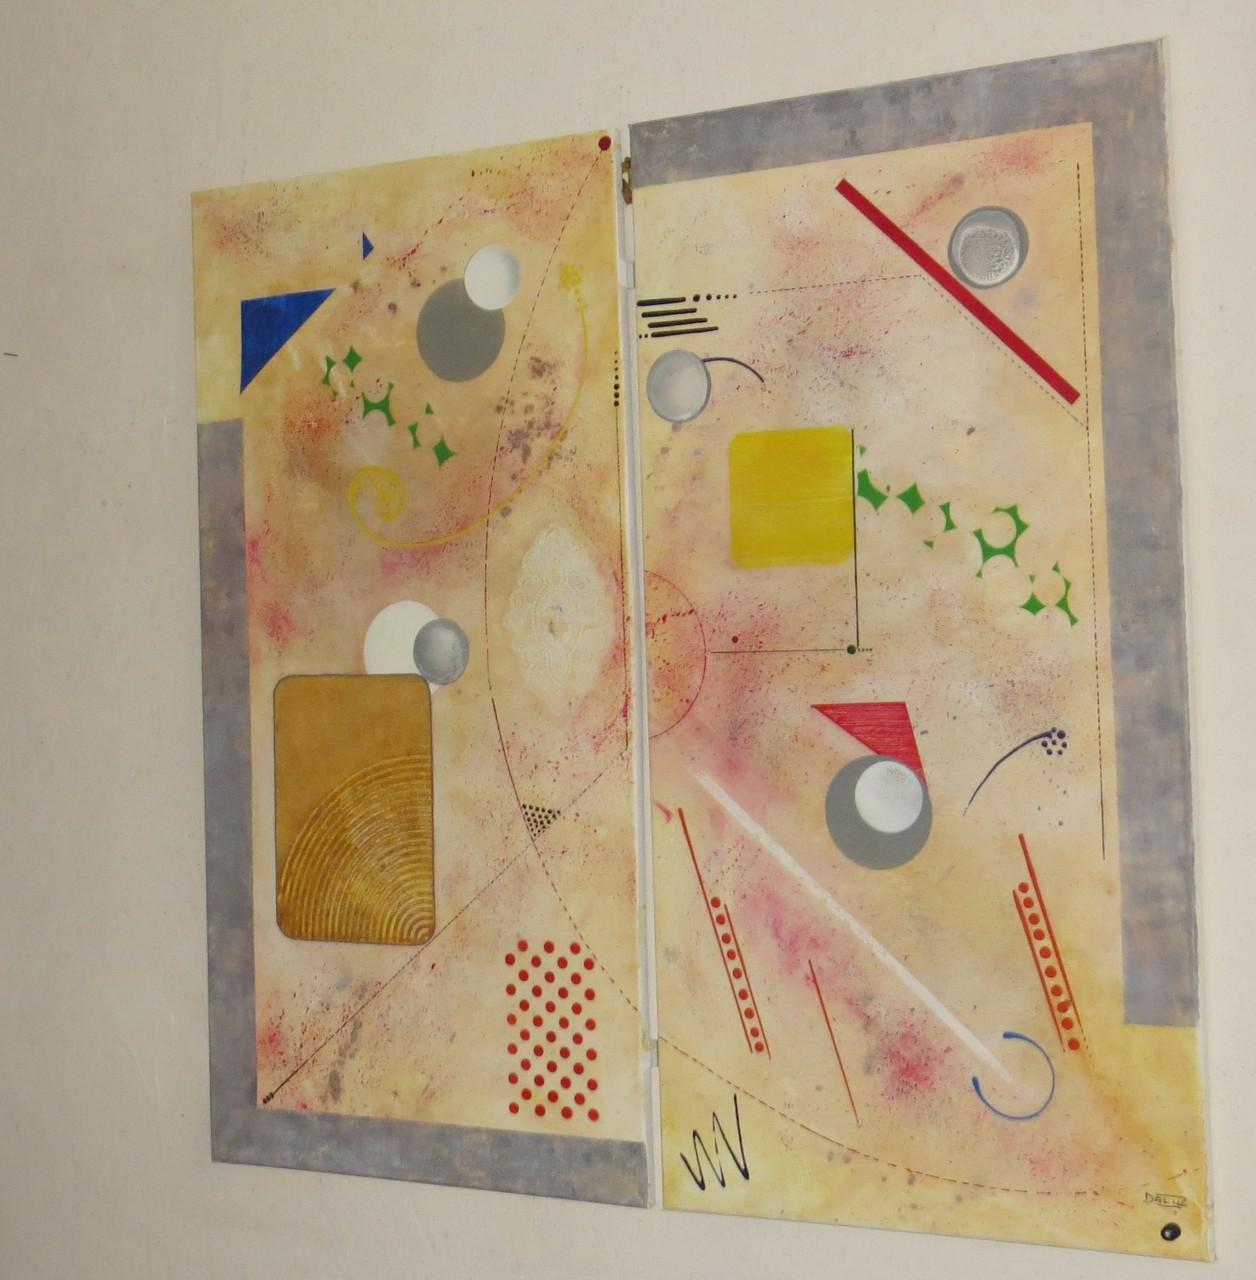 comètes vue côté2 - daluz galego tableau abstrait abstraction